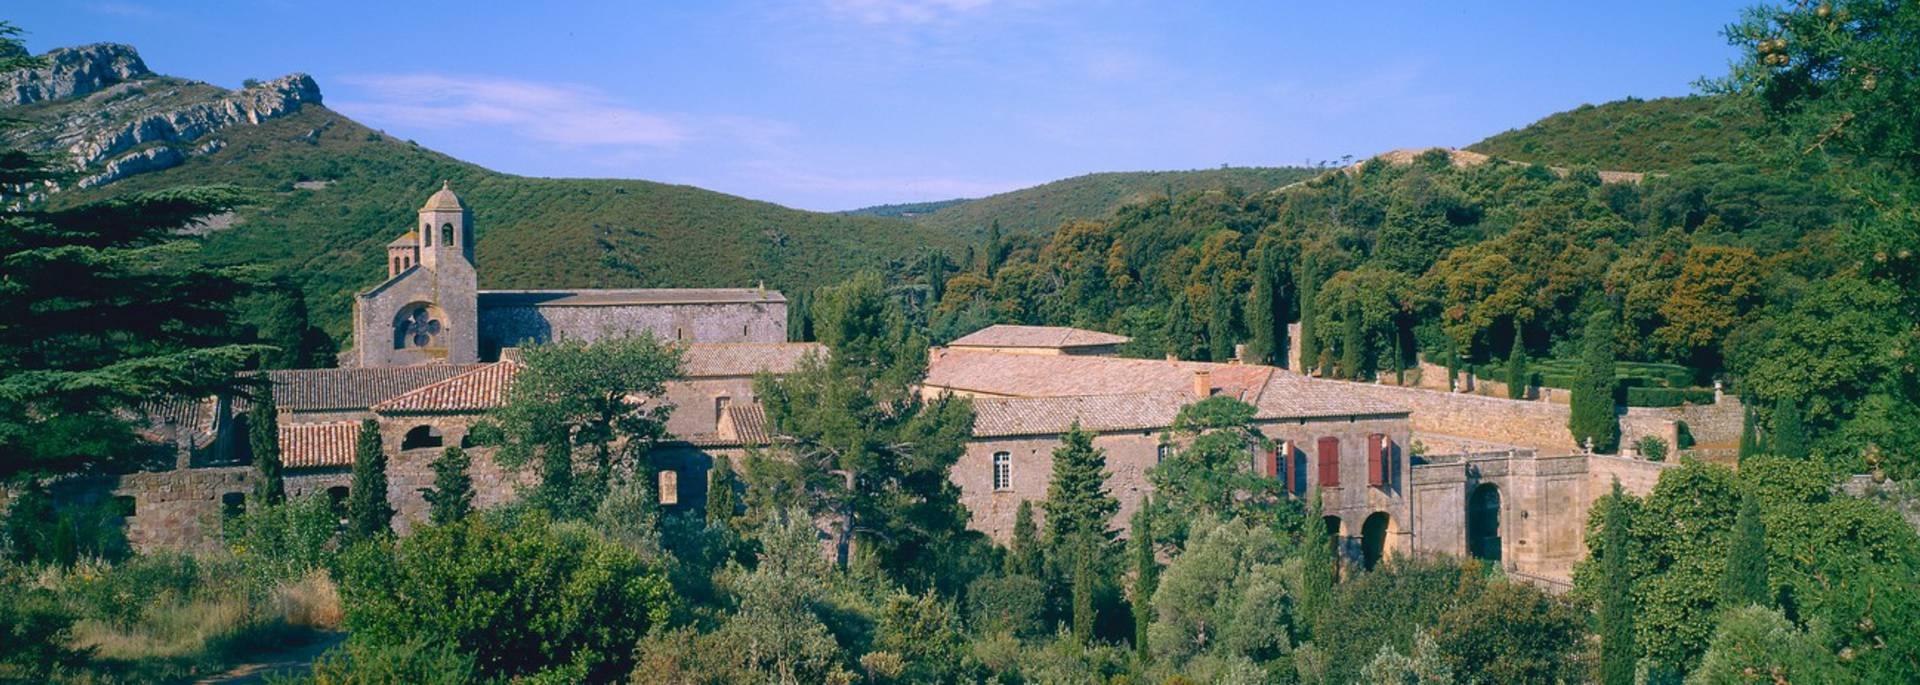 Vue générale de l'abbaye de Fontfroide